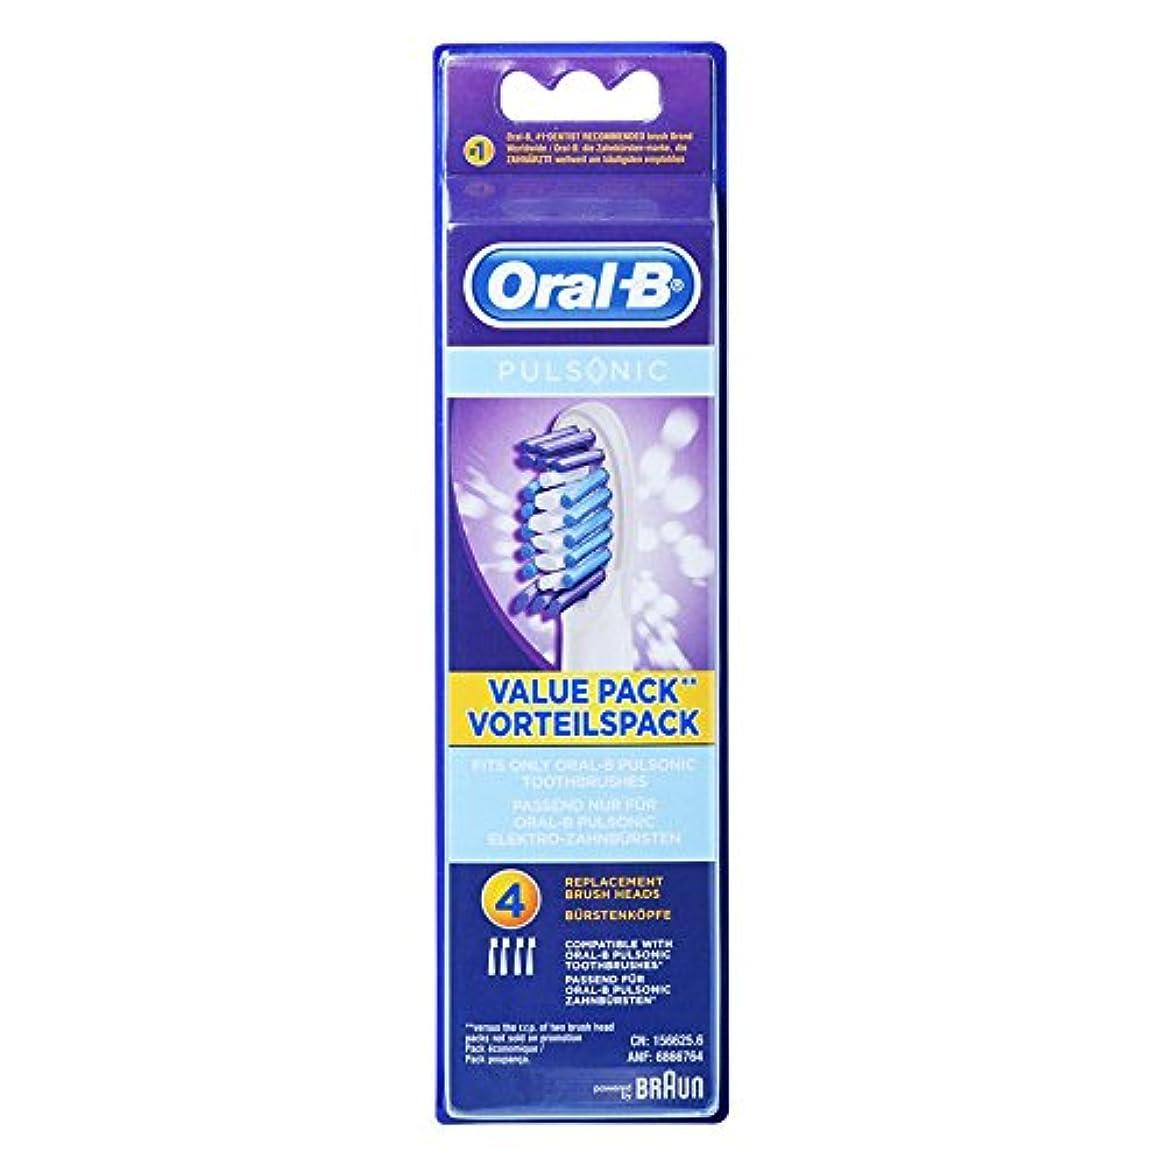 雪だるまトチの実の木ブランドBraun Oral-B SR32-4 Pulsonic Value Pack 交換用ブラシヘッド 1Pack [並行輸入品]